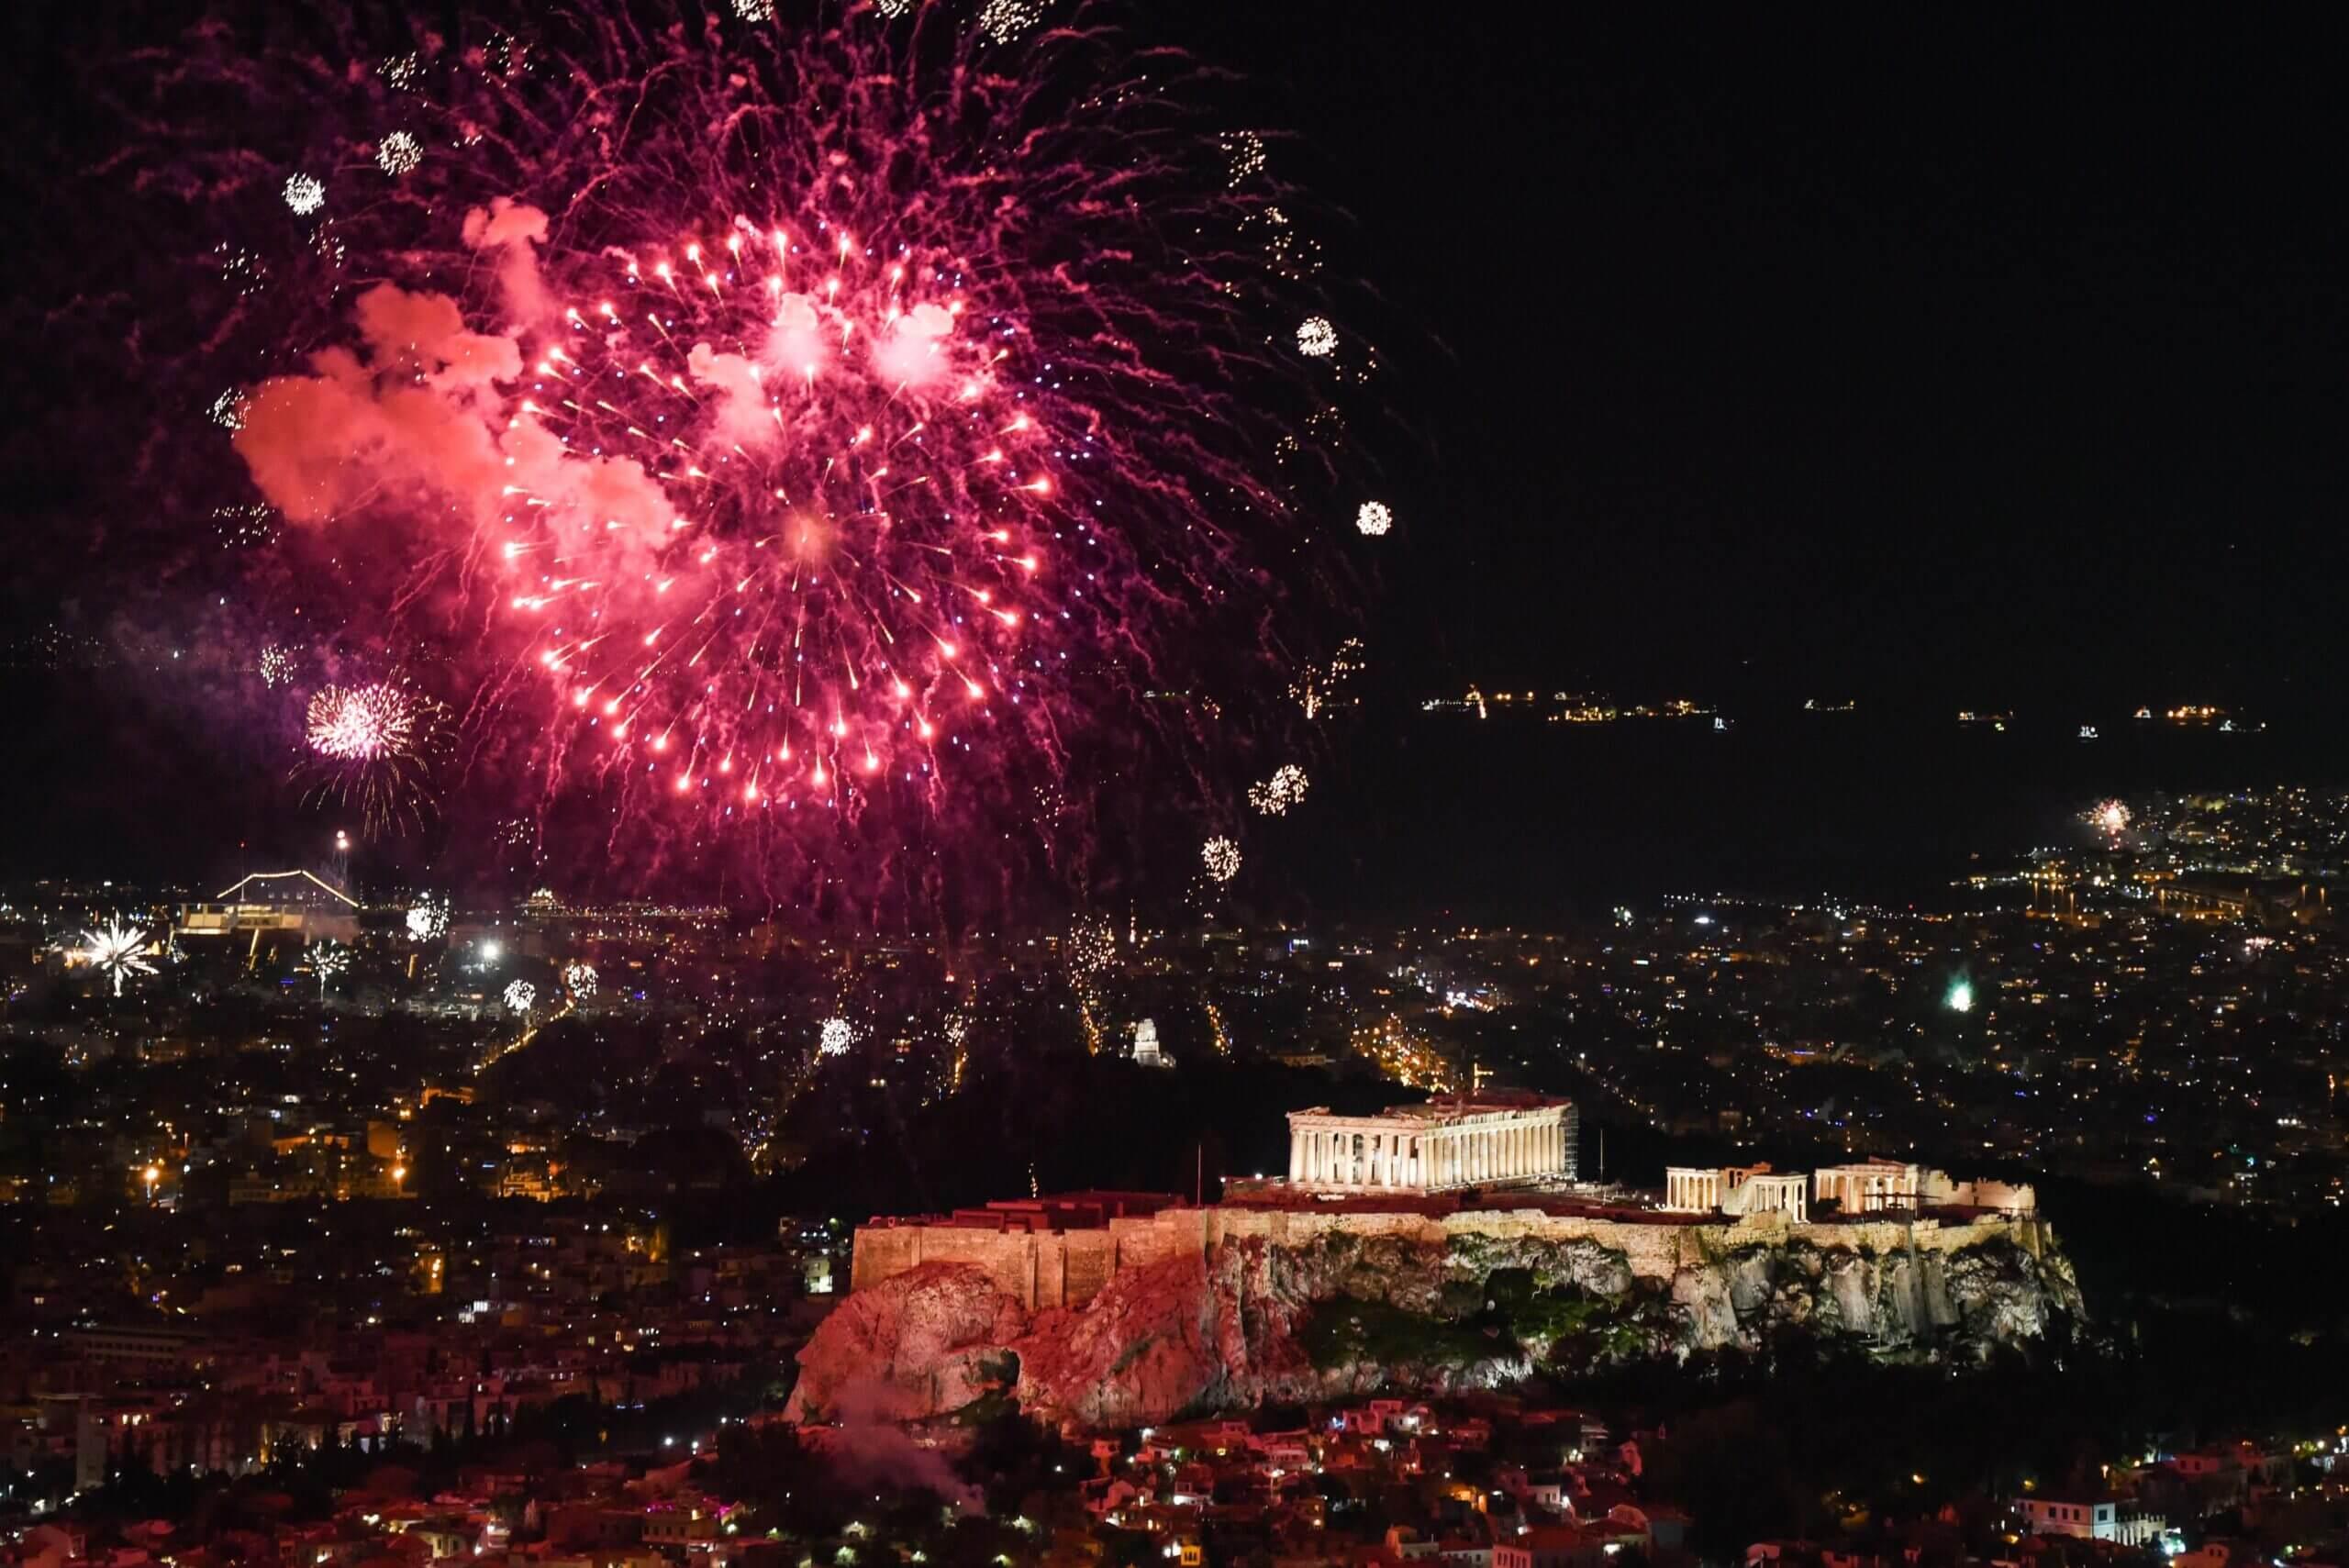 Με λάμψη, συναίσθημα και συμβολισμούς υποδέχθηκε το 2021 στον Λυκαβηττό ο Δήμος Αθηναίων